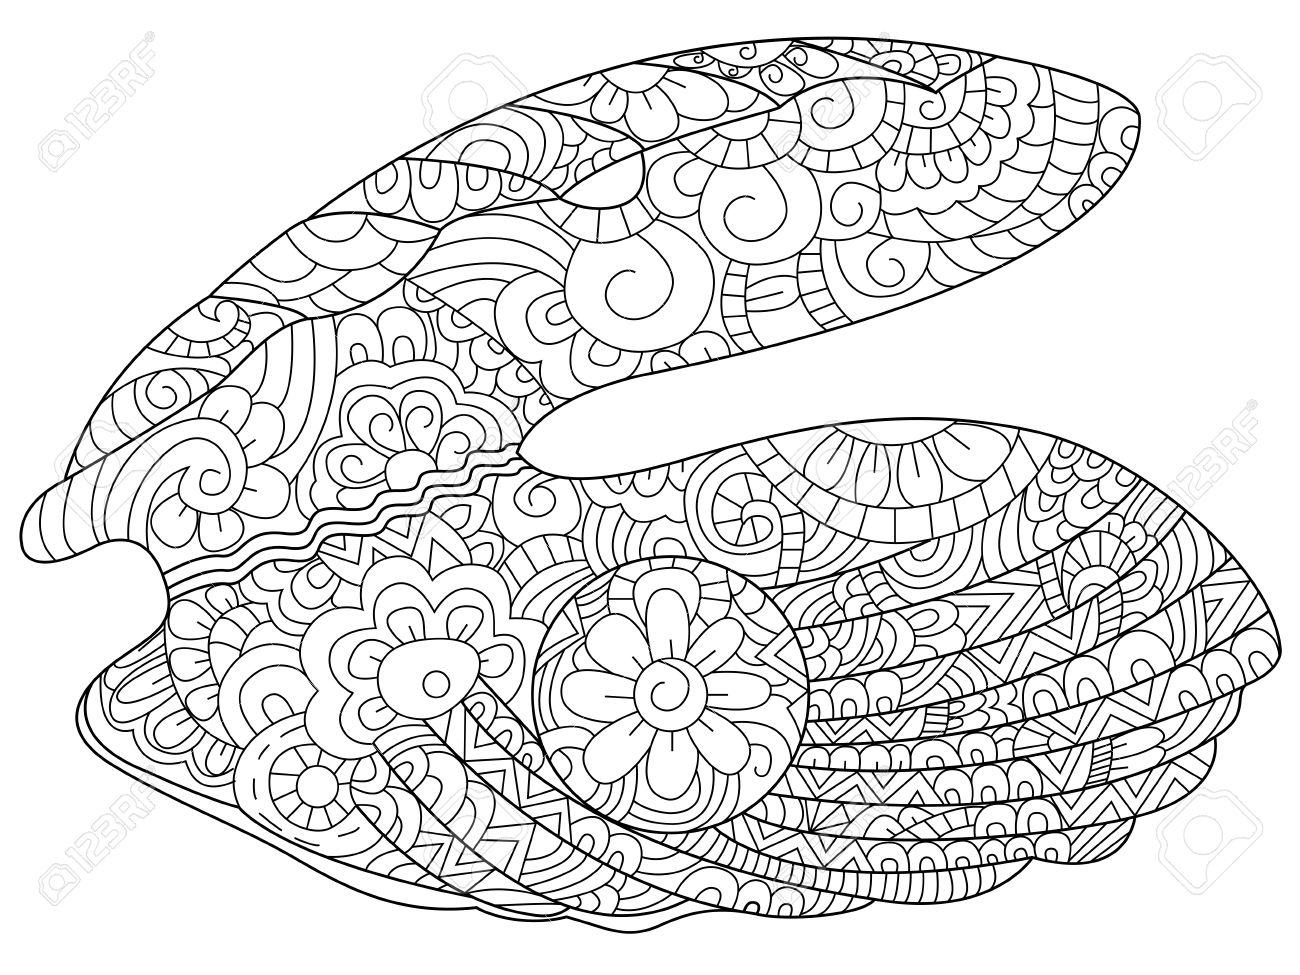 Ostra Con La Perla De Libro Para Colorear Para Los Adultos Ilustración Antiestrés Colorear Para Adultos Estilo Líneas Blancas Y Negro Ostreidae